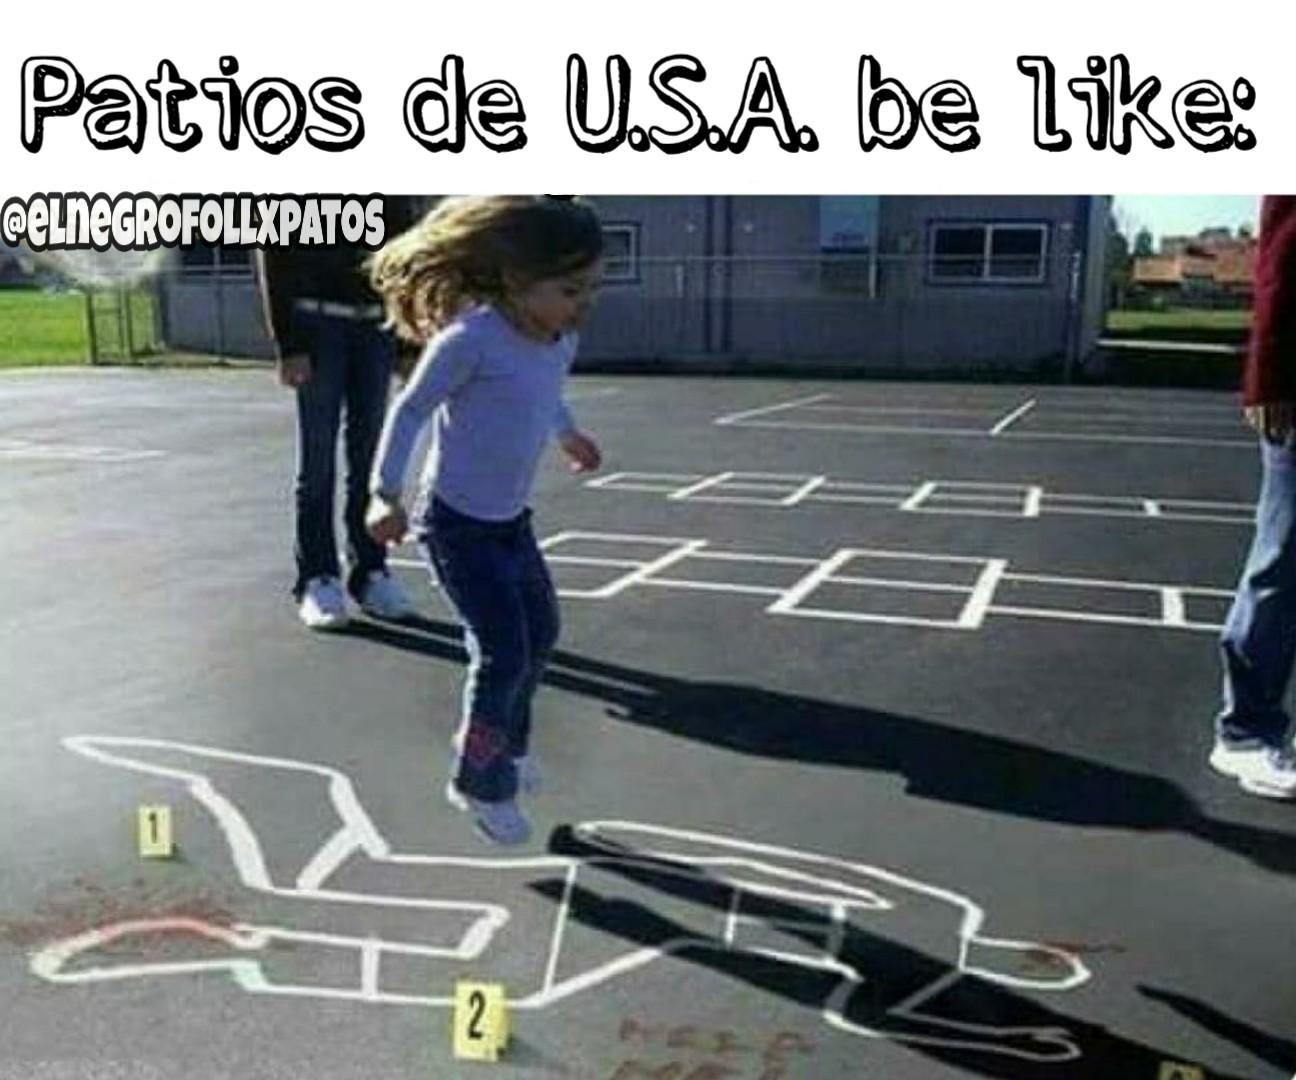 Patios de USA - meme